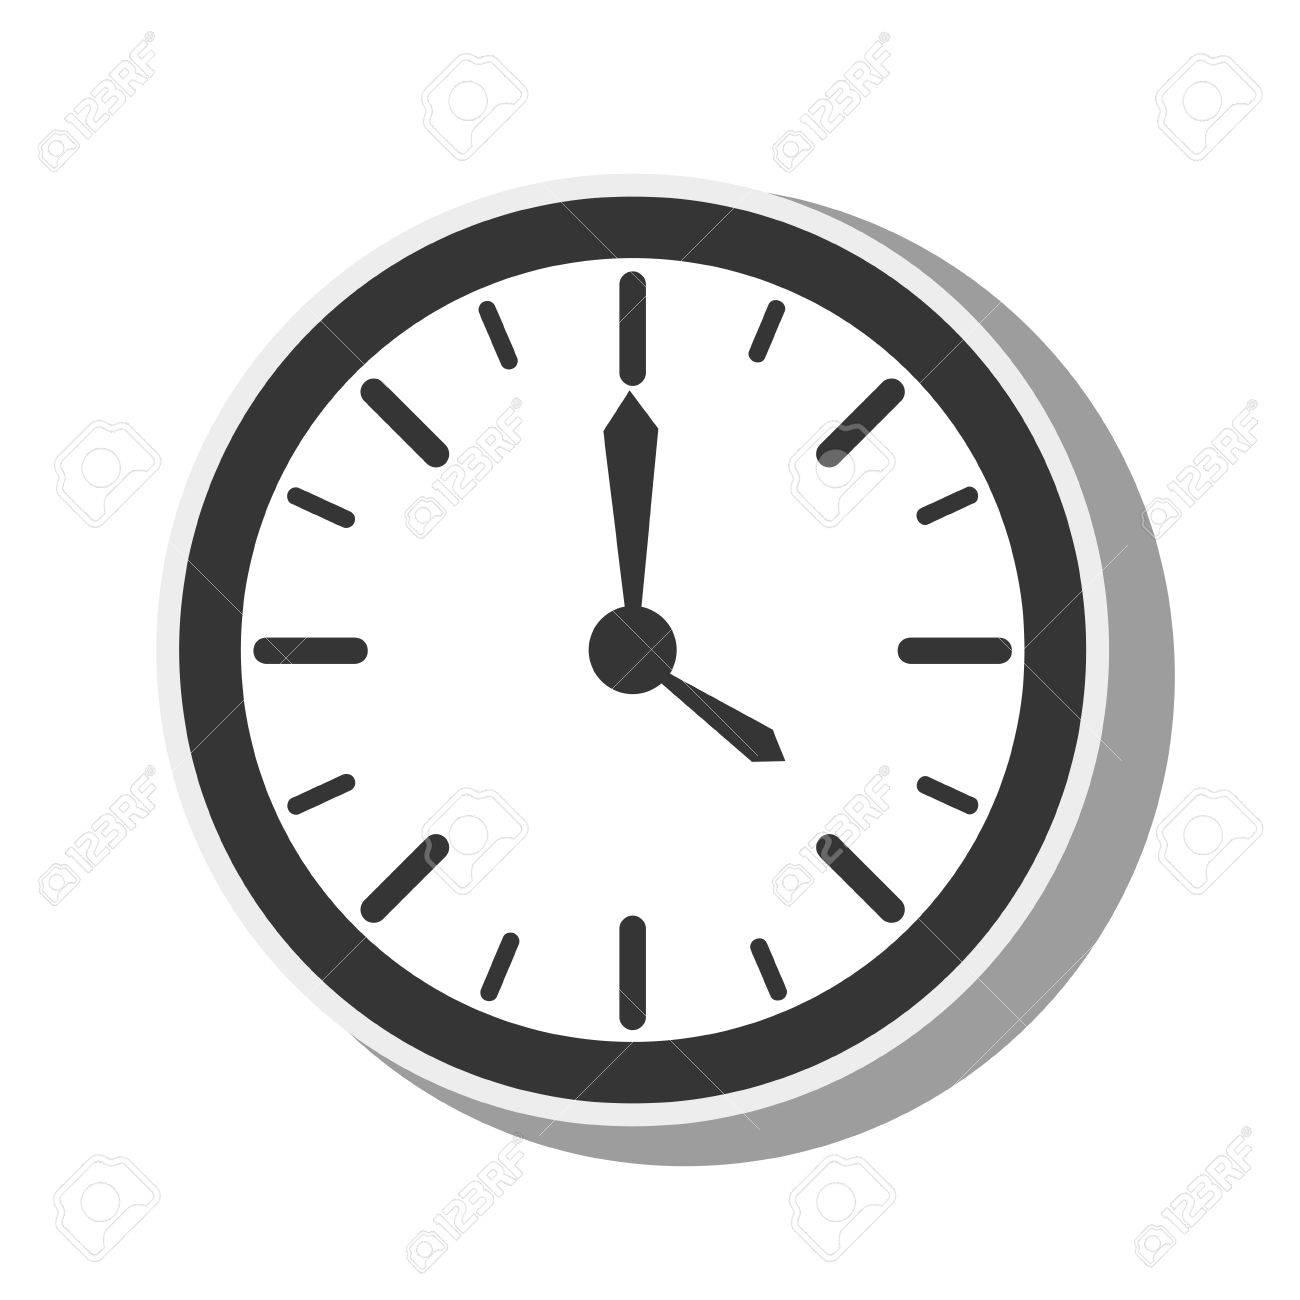 watch clock time timer element dials hands instrument vector